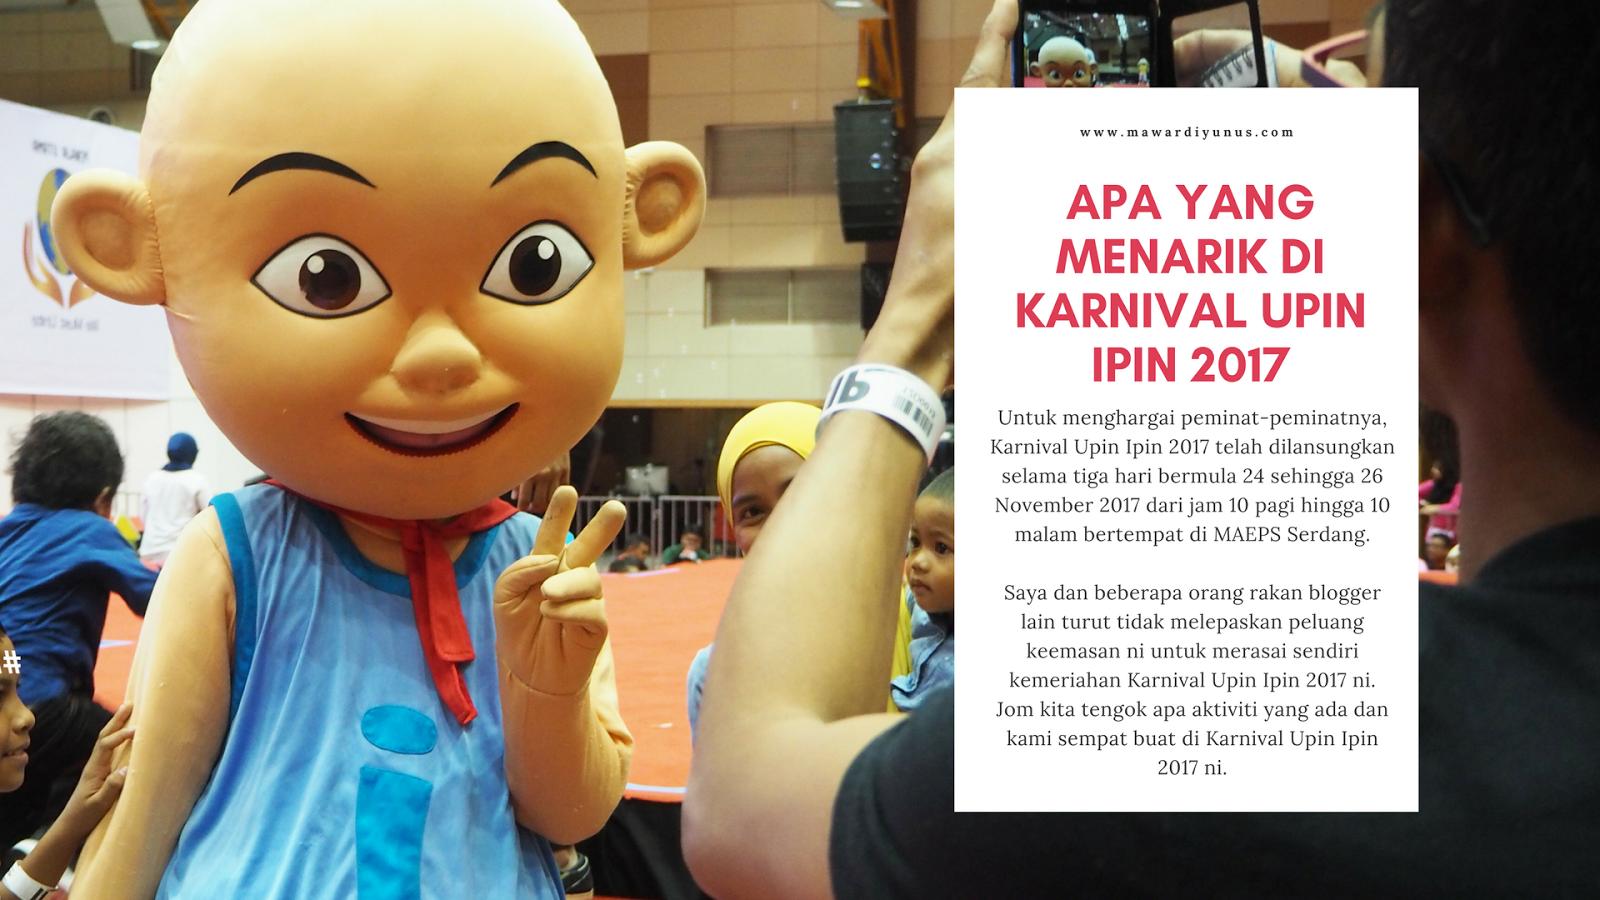 Selain dari negara kita Malaysia Upin Ipin juga turut popular dan menjadi perhatian masyarakat di negara jiran